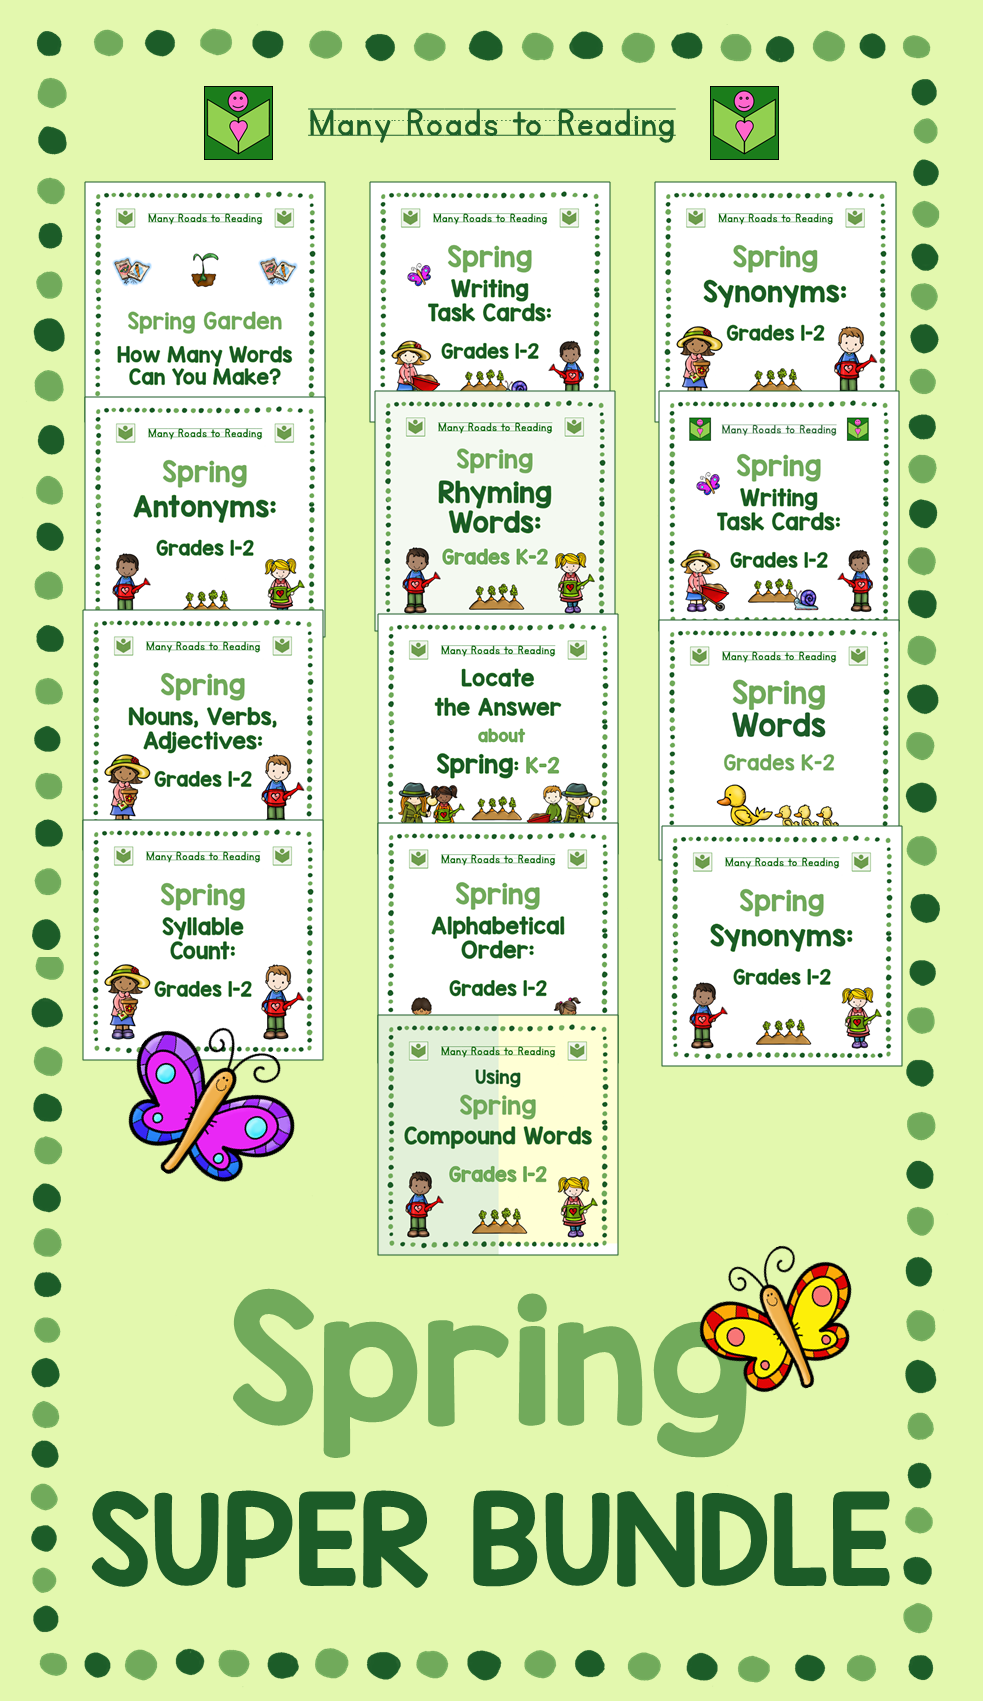 Spring SUPER BUNDLE